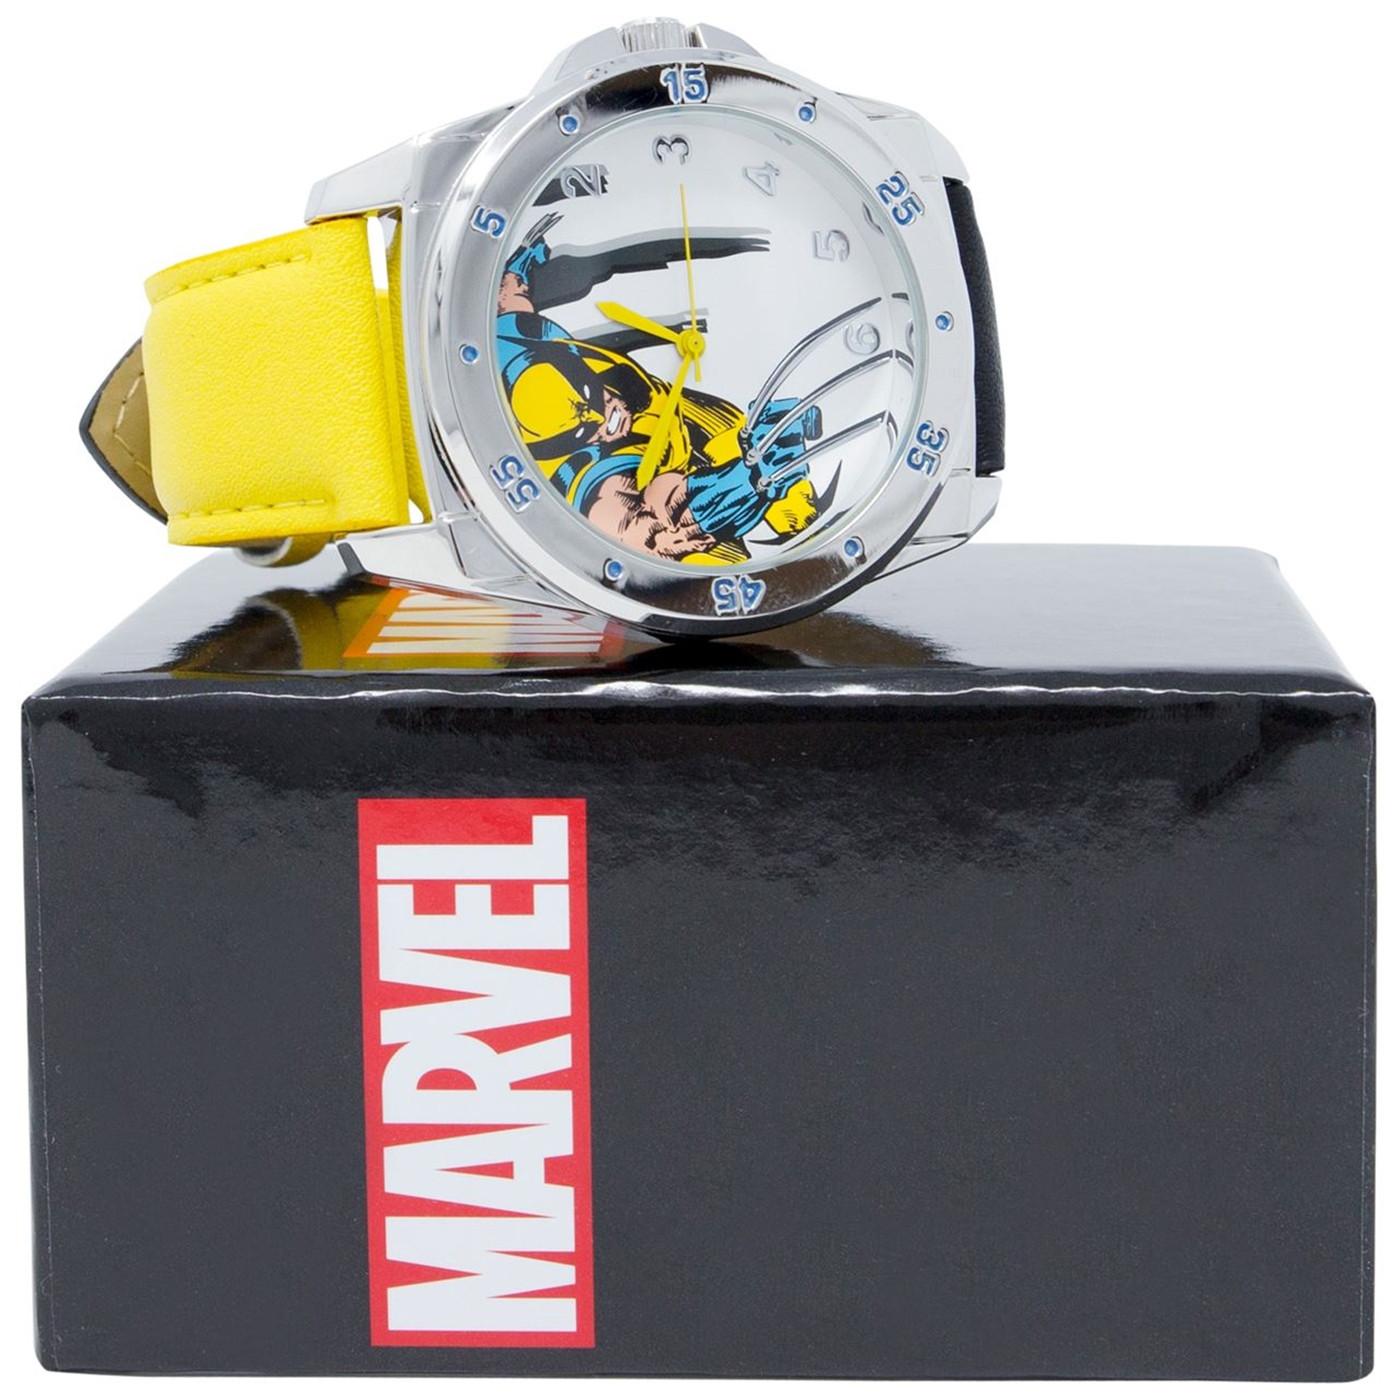 Wolverine Watch